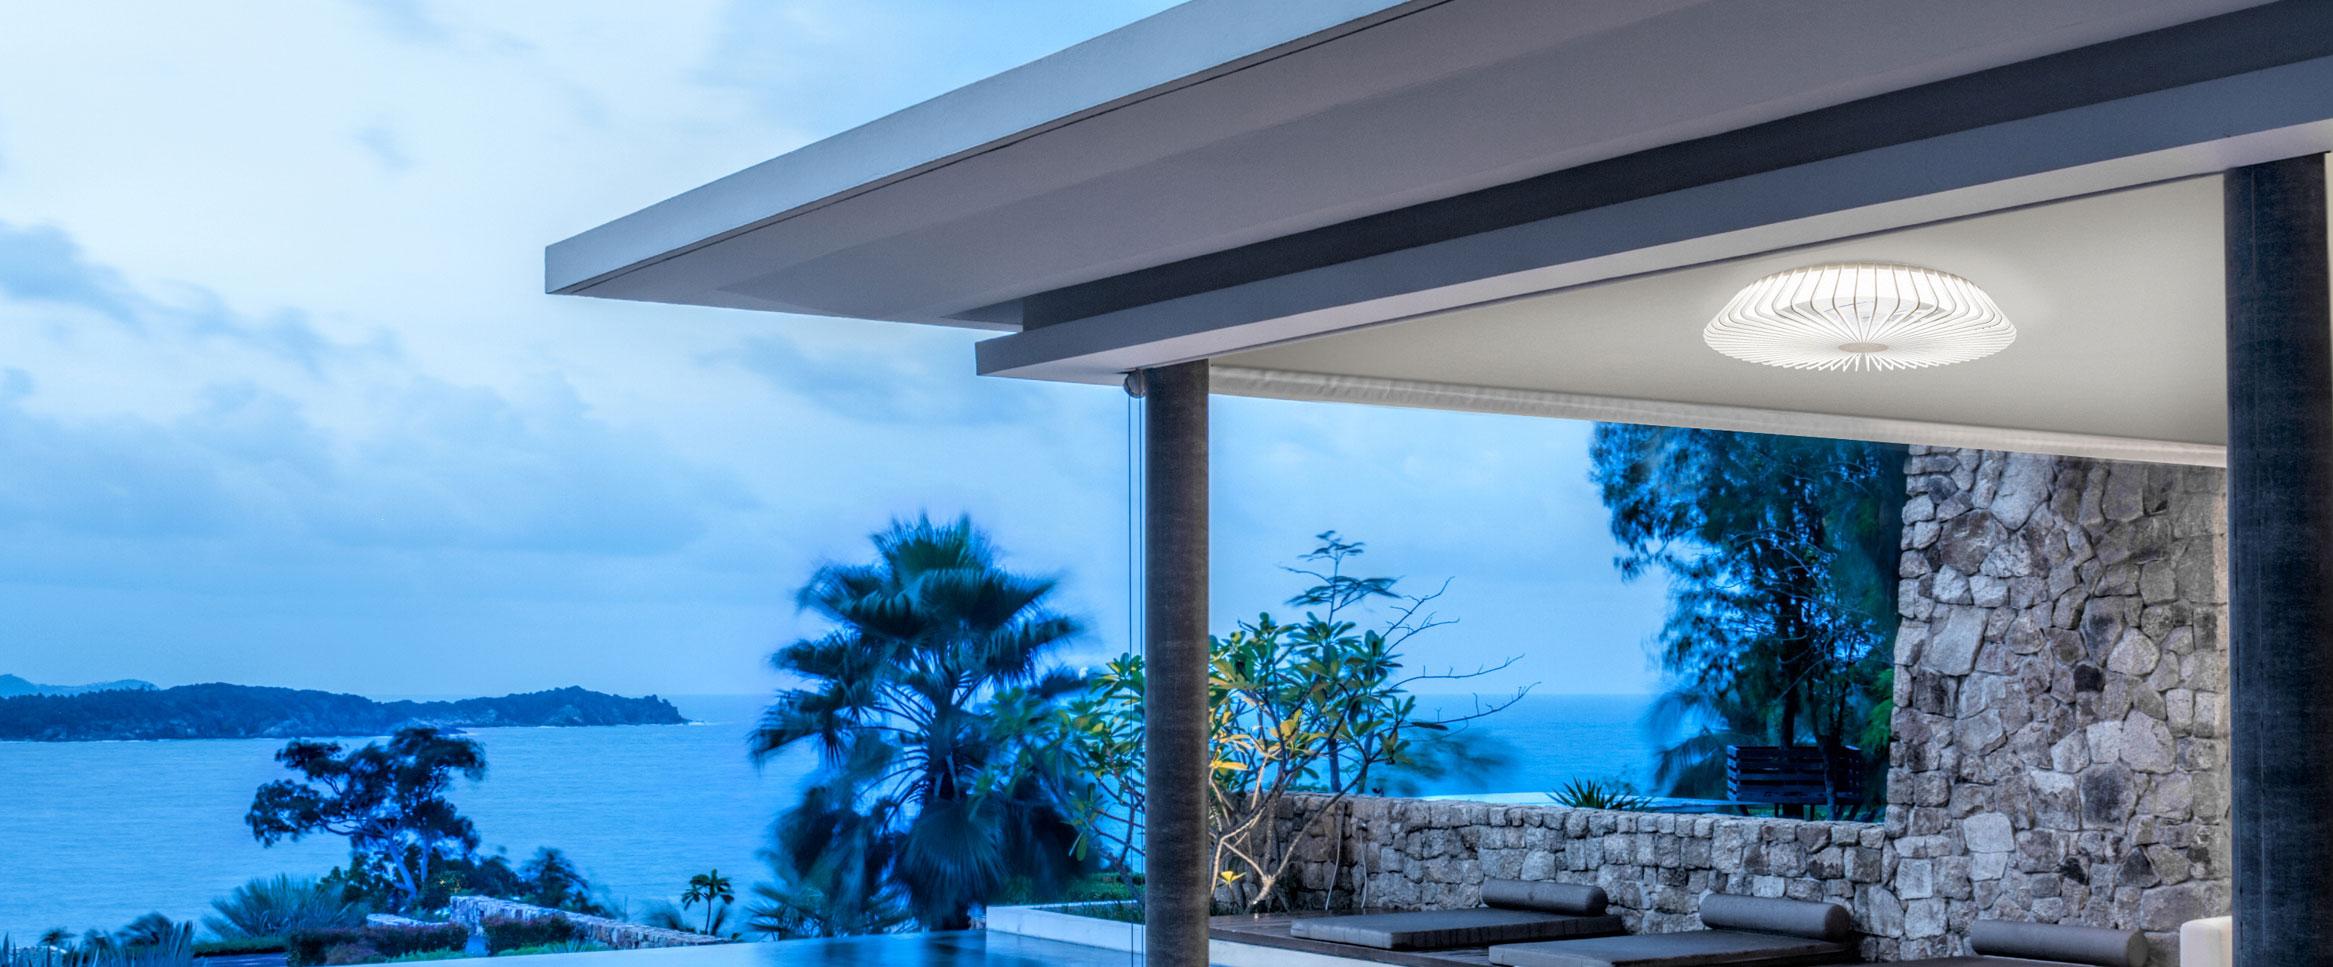 Comprar ventilador Himalaya Mantra, ventiladores plafón con iluminación Led al mejor precio. Ventiladores de techo moderno, silenciosos, con aspas ocultas para mayor seguridad, control remoto y regulables. Ventiladores de techo para interiores y exteriores, diseño contemporáneo. Mantra, una de las mejores marcas en ventilación e iluminación.